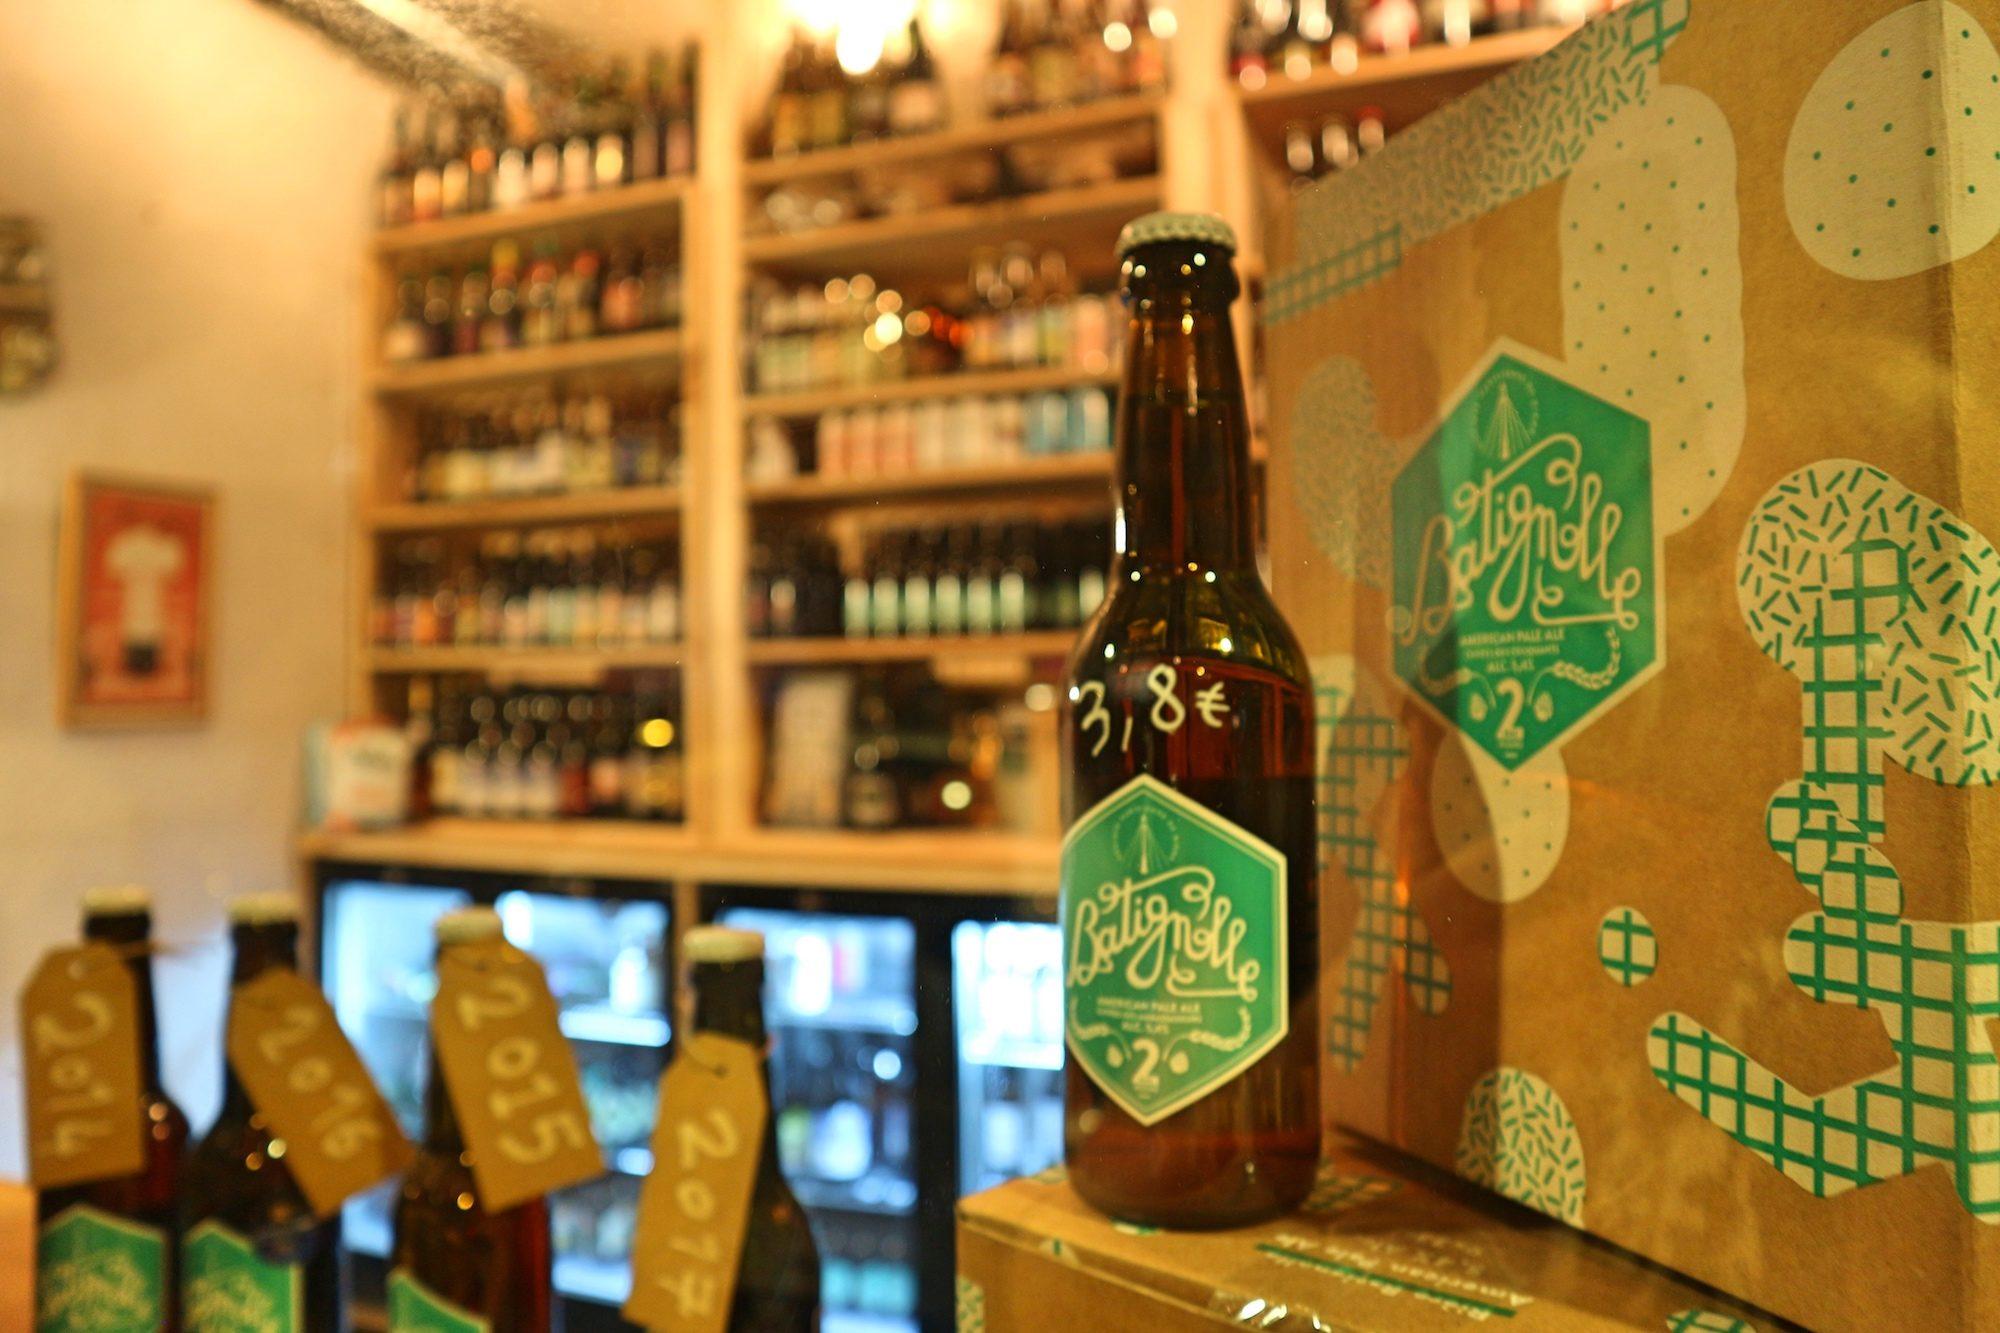 HiP Paris Blog's best places to drink beer in Paris include La Société Parisienne de Bière bar in the Batignolles neighborhood.